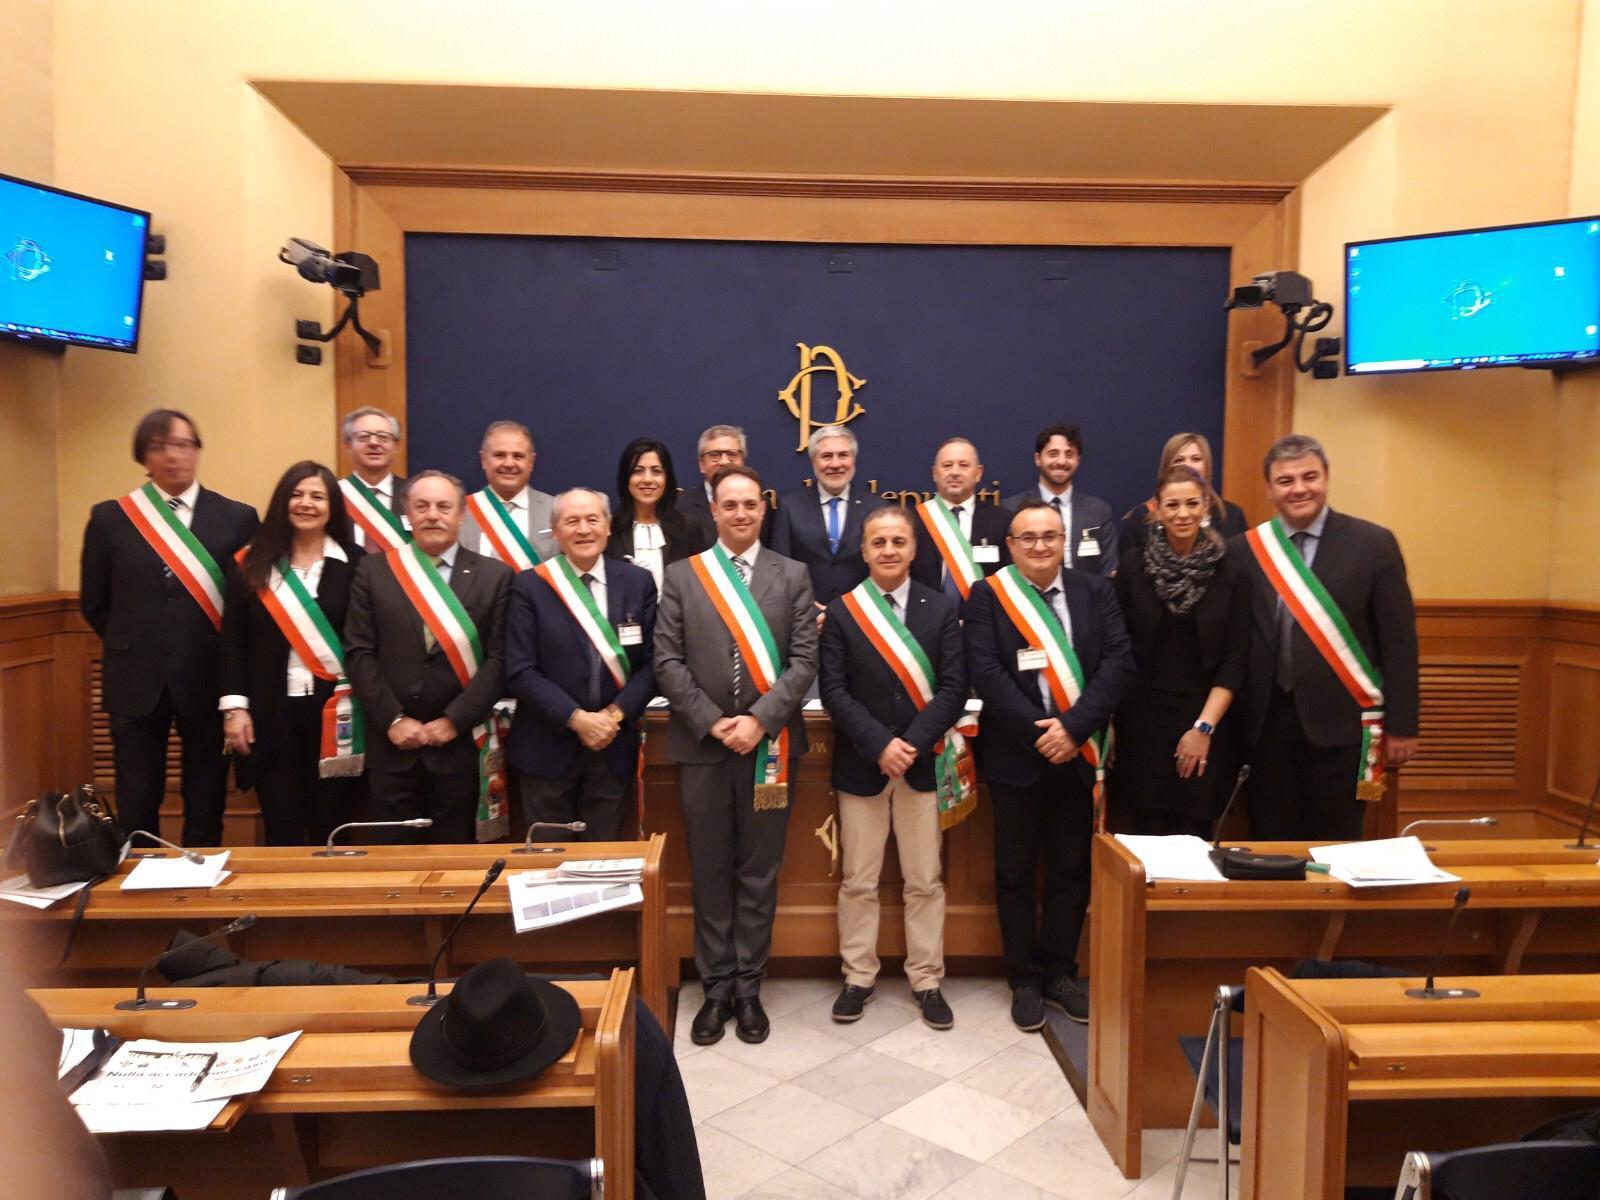 Culto Sant'Egidio, alla Camera siglato protocollo d'intesa tra comuni